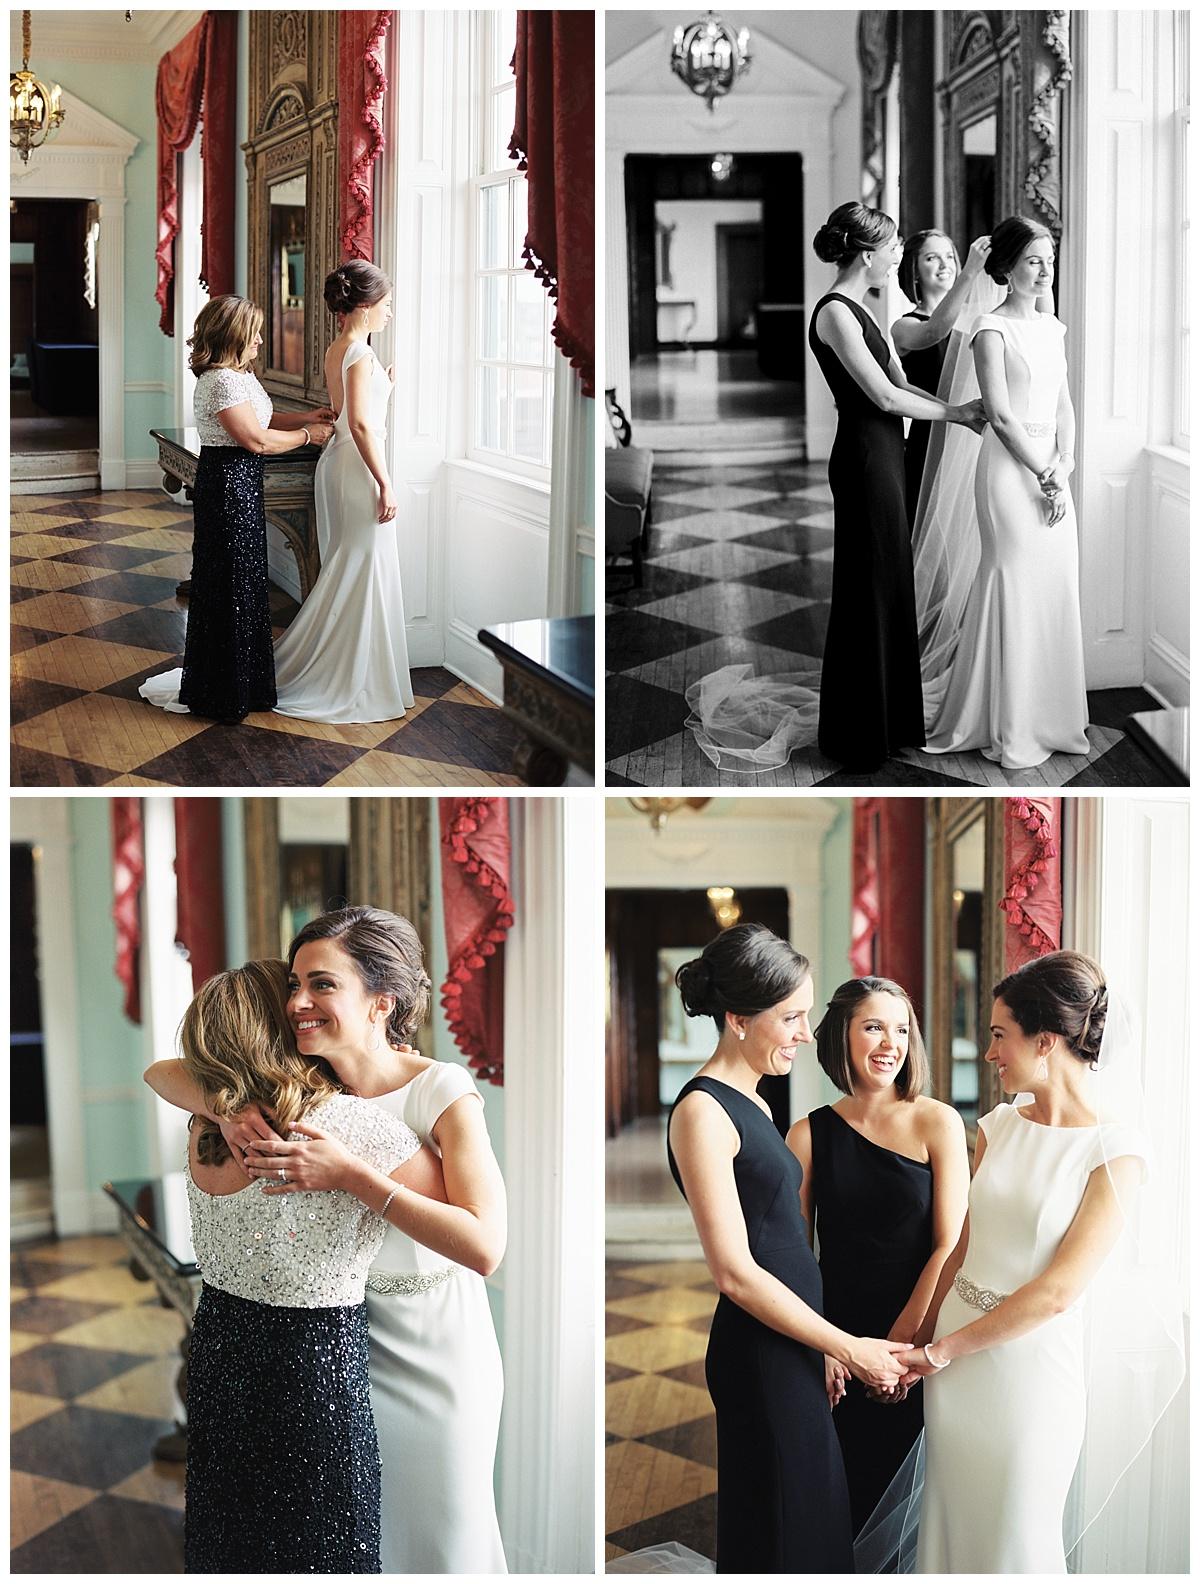 dallas-country-club-wedding-ar-photography-5.jpg